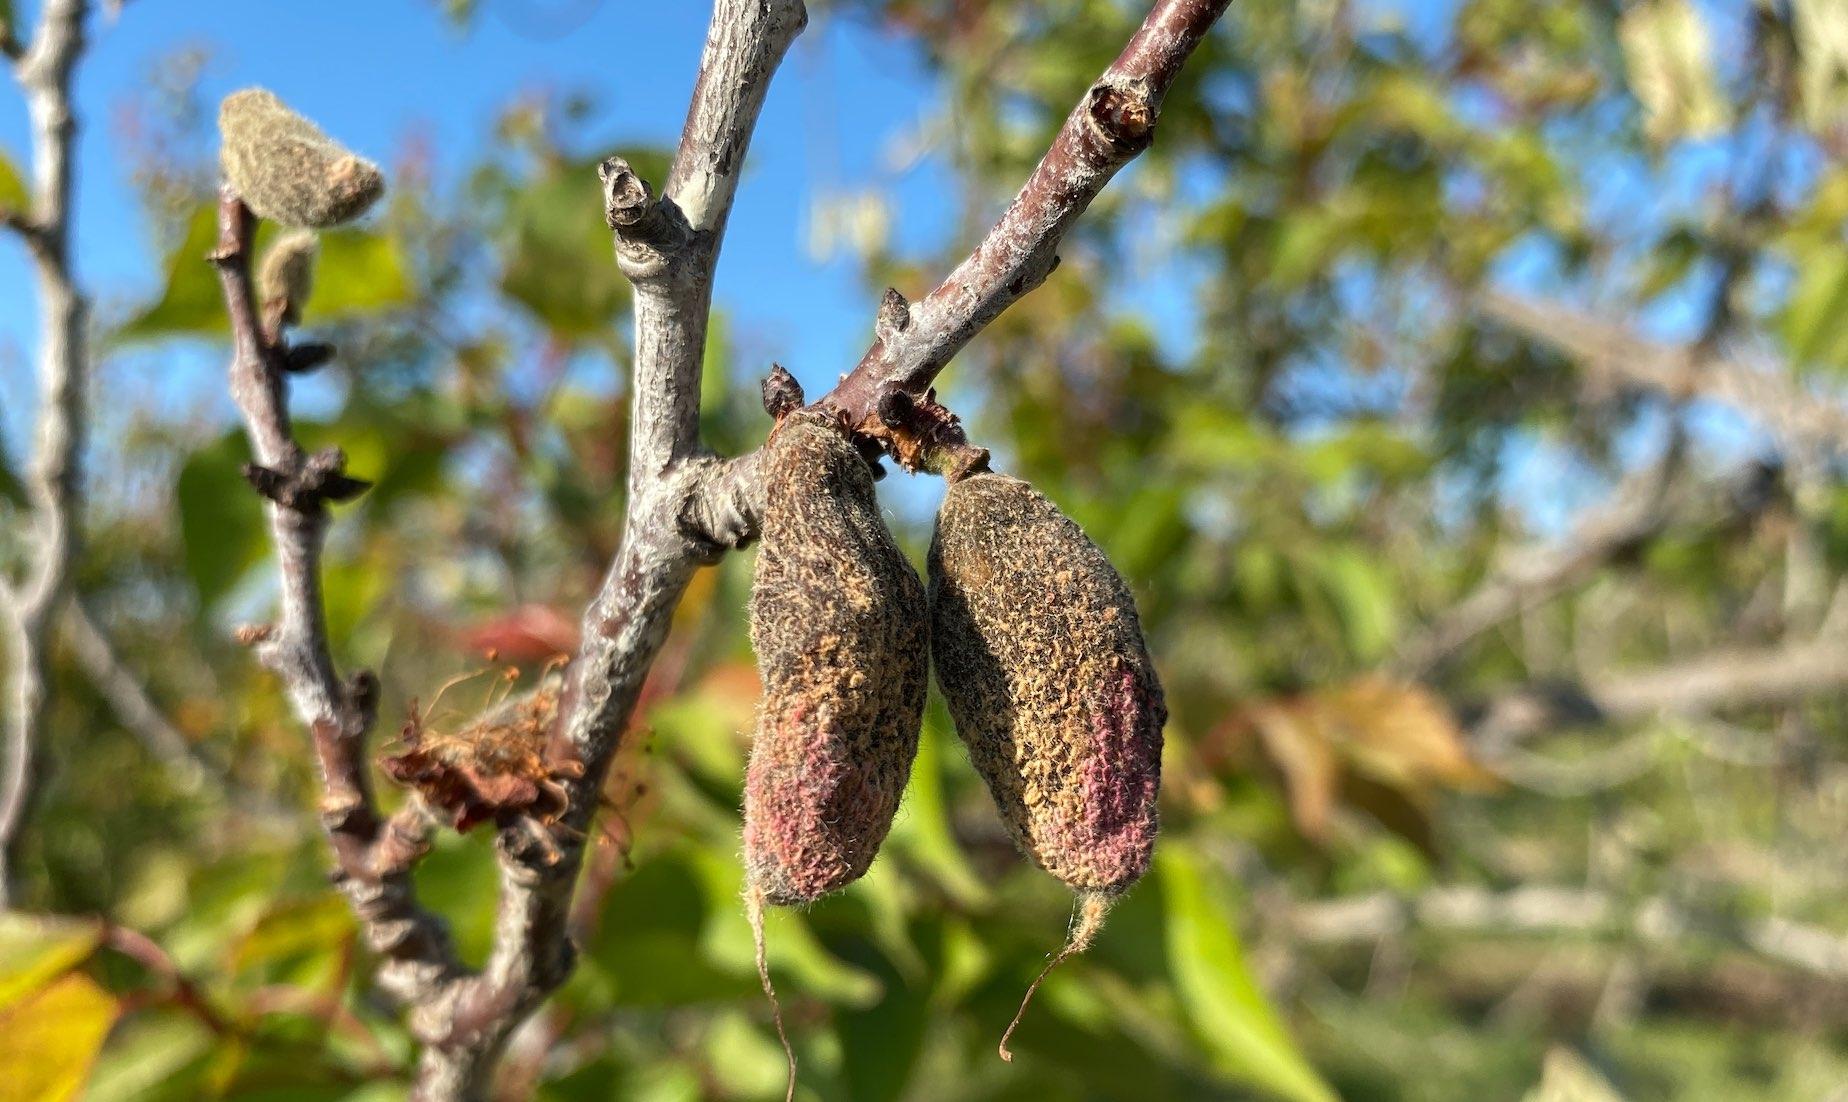 Décimée, la production d'abricot pourrait aussi être compromise l'année prochaine